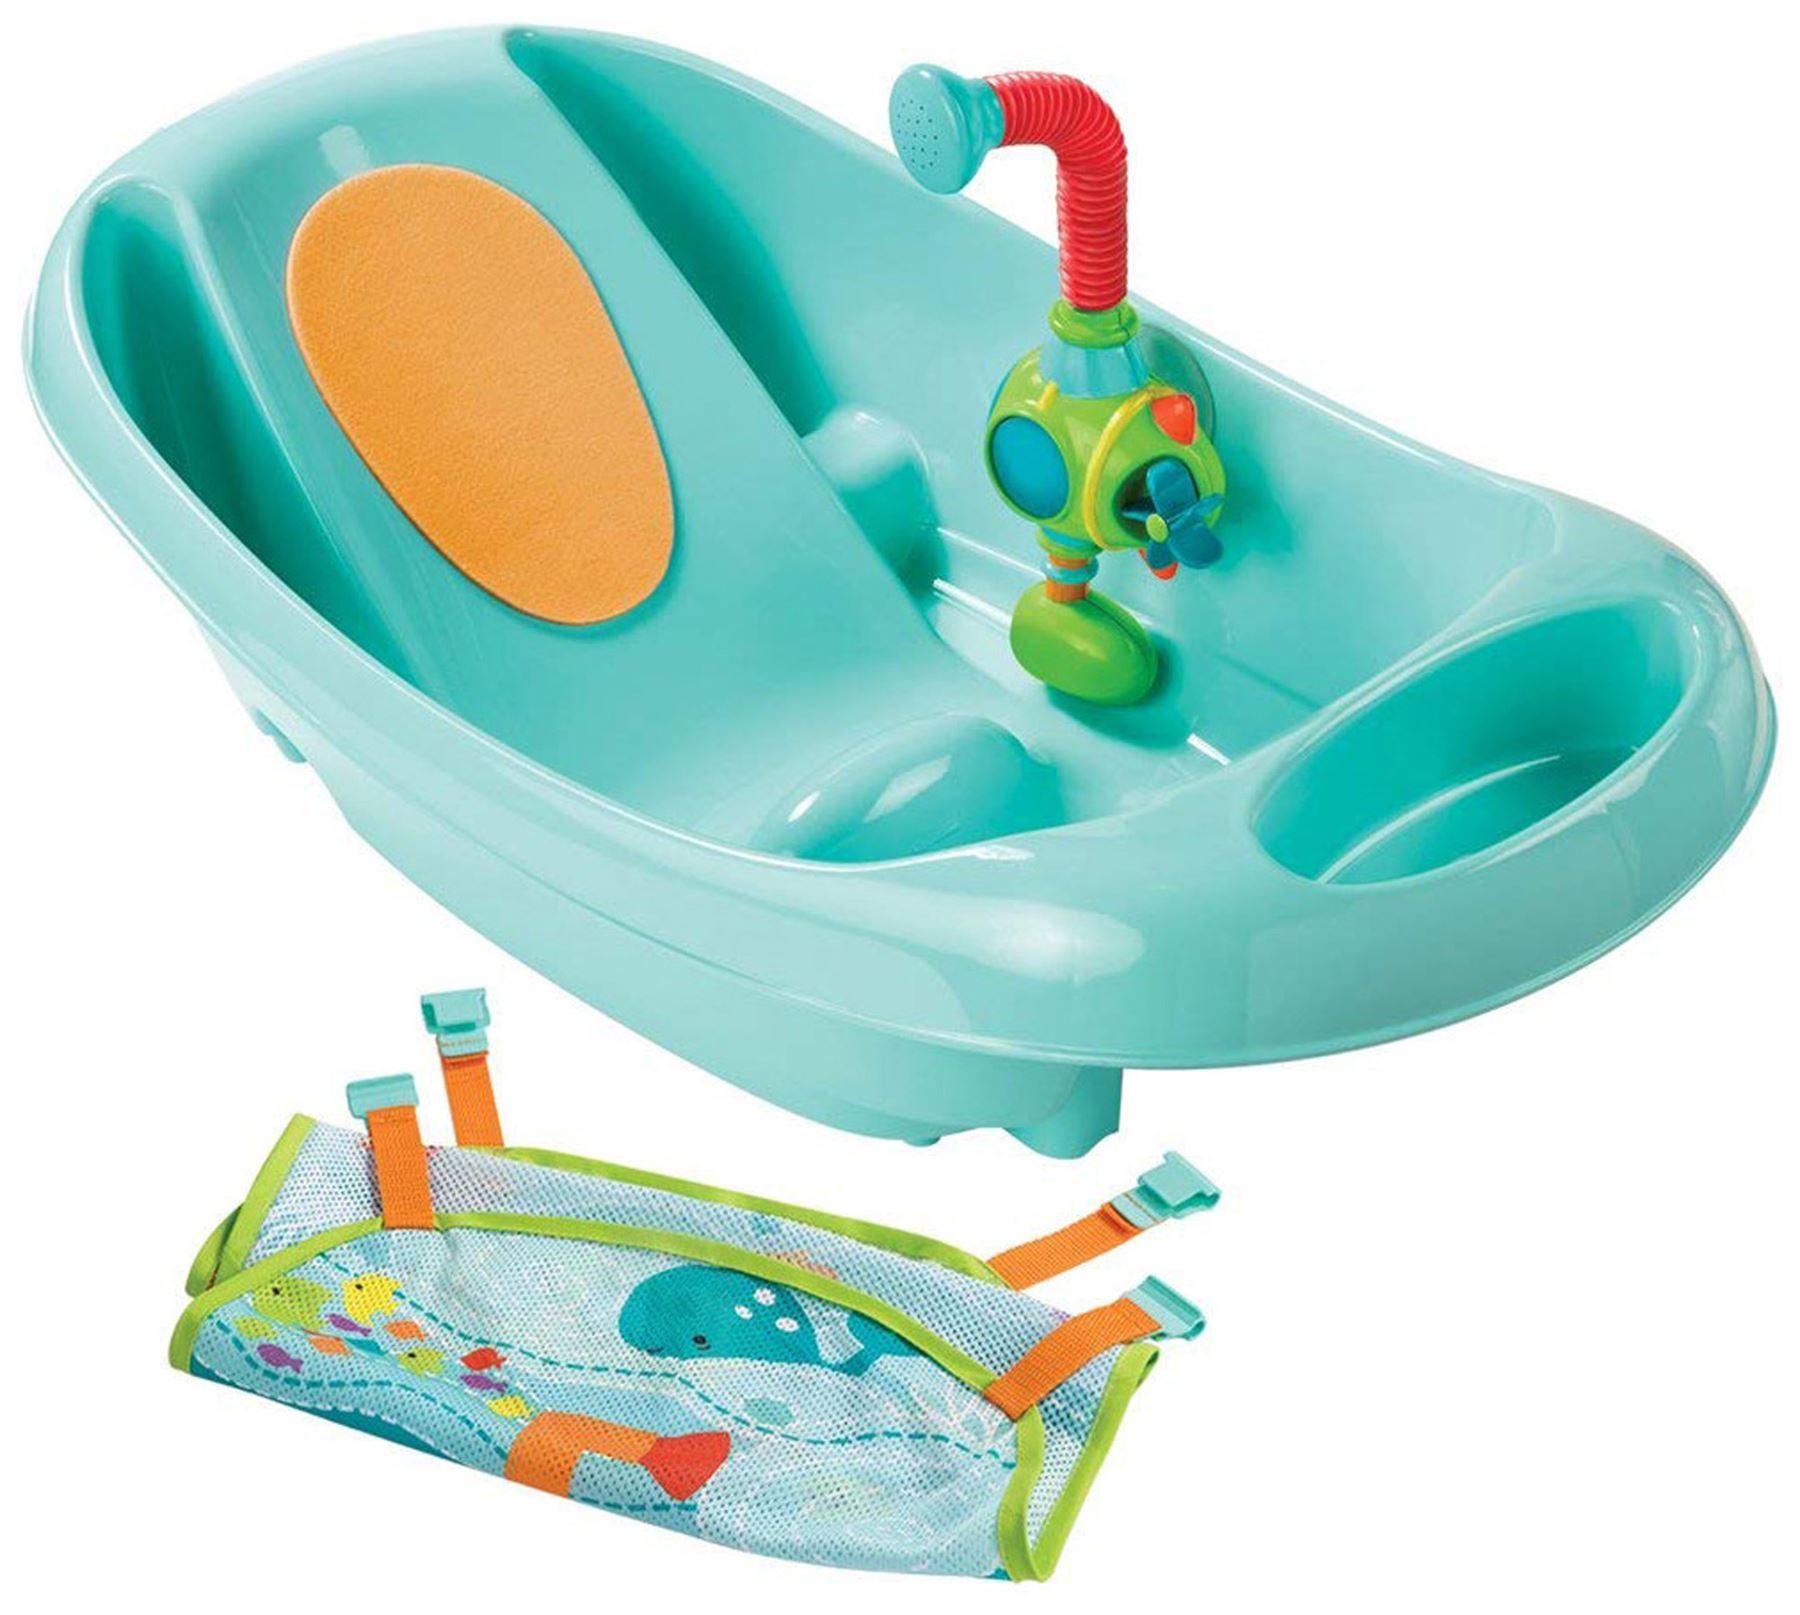 Summer Infant MY FUN BABY BATH TUB Baby Bath Time 12914095560 | eBay